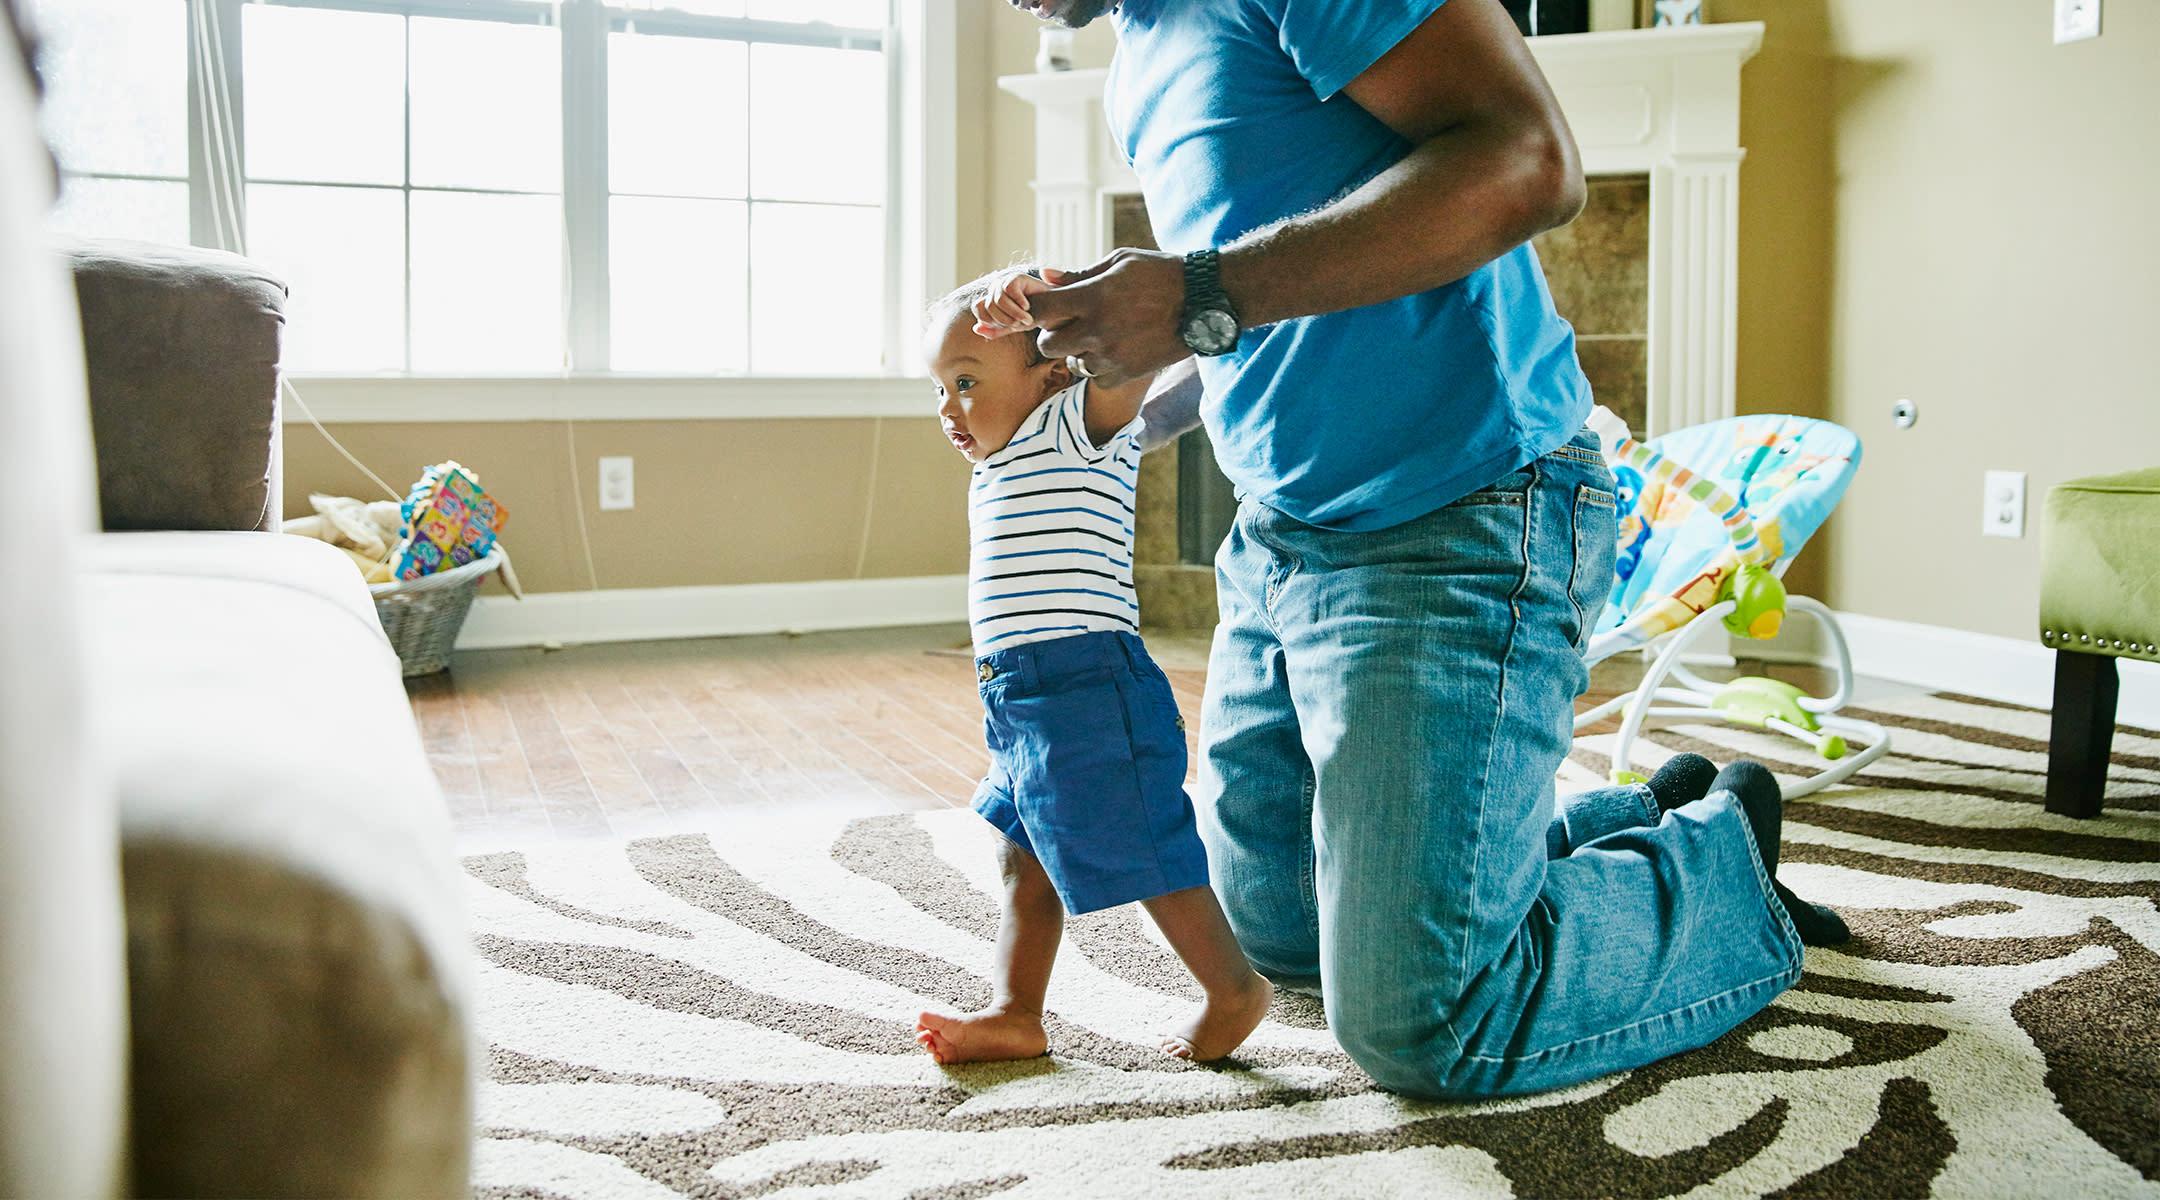 Amazon.com: baby walking harness: Baby